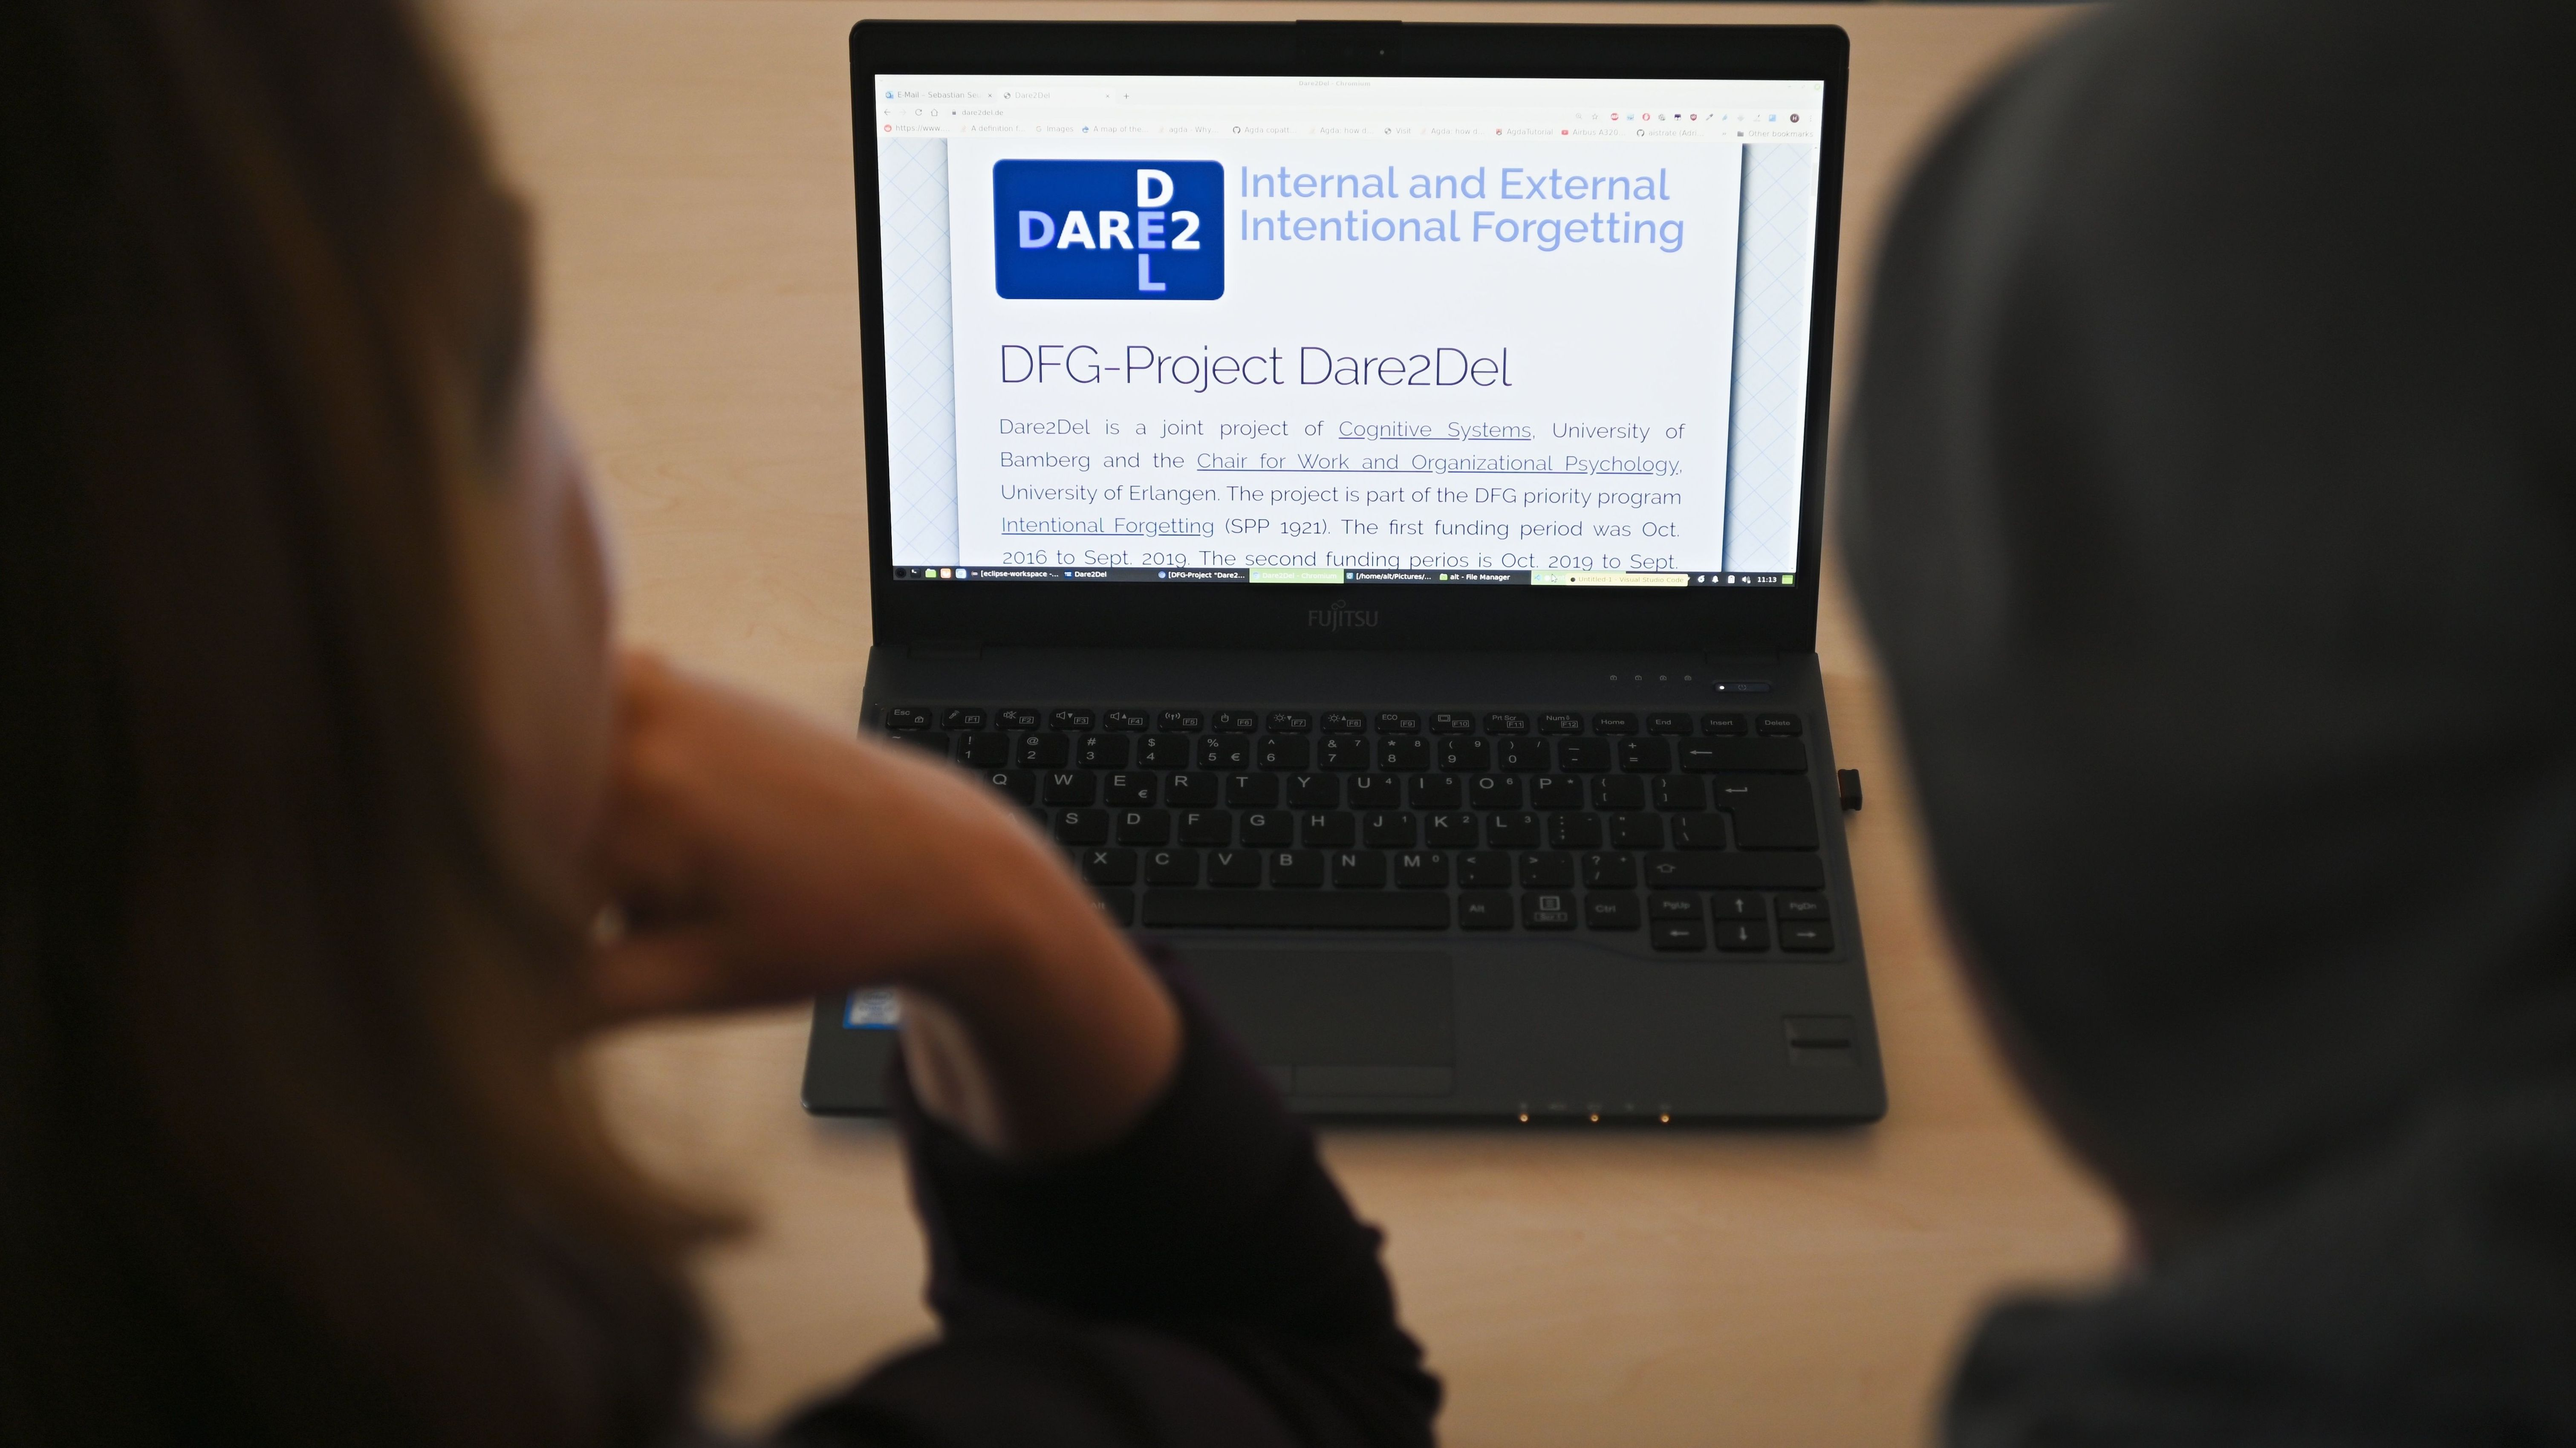 """Zwei Menschen sitzen vor einem Laptop auf dem """"Dare2Del"""" zu lesen ist."""